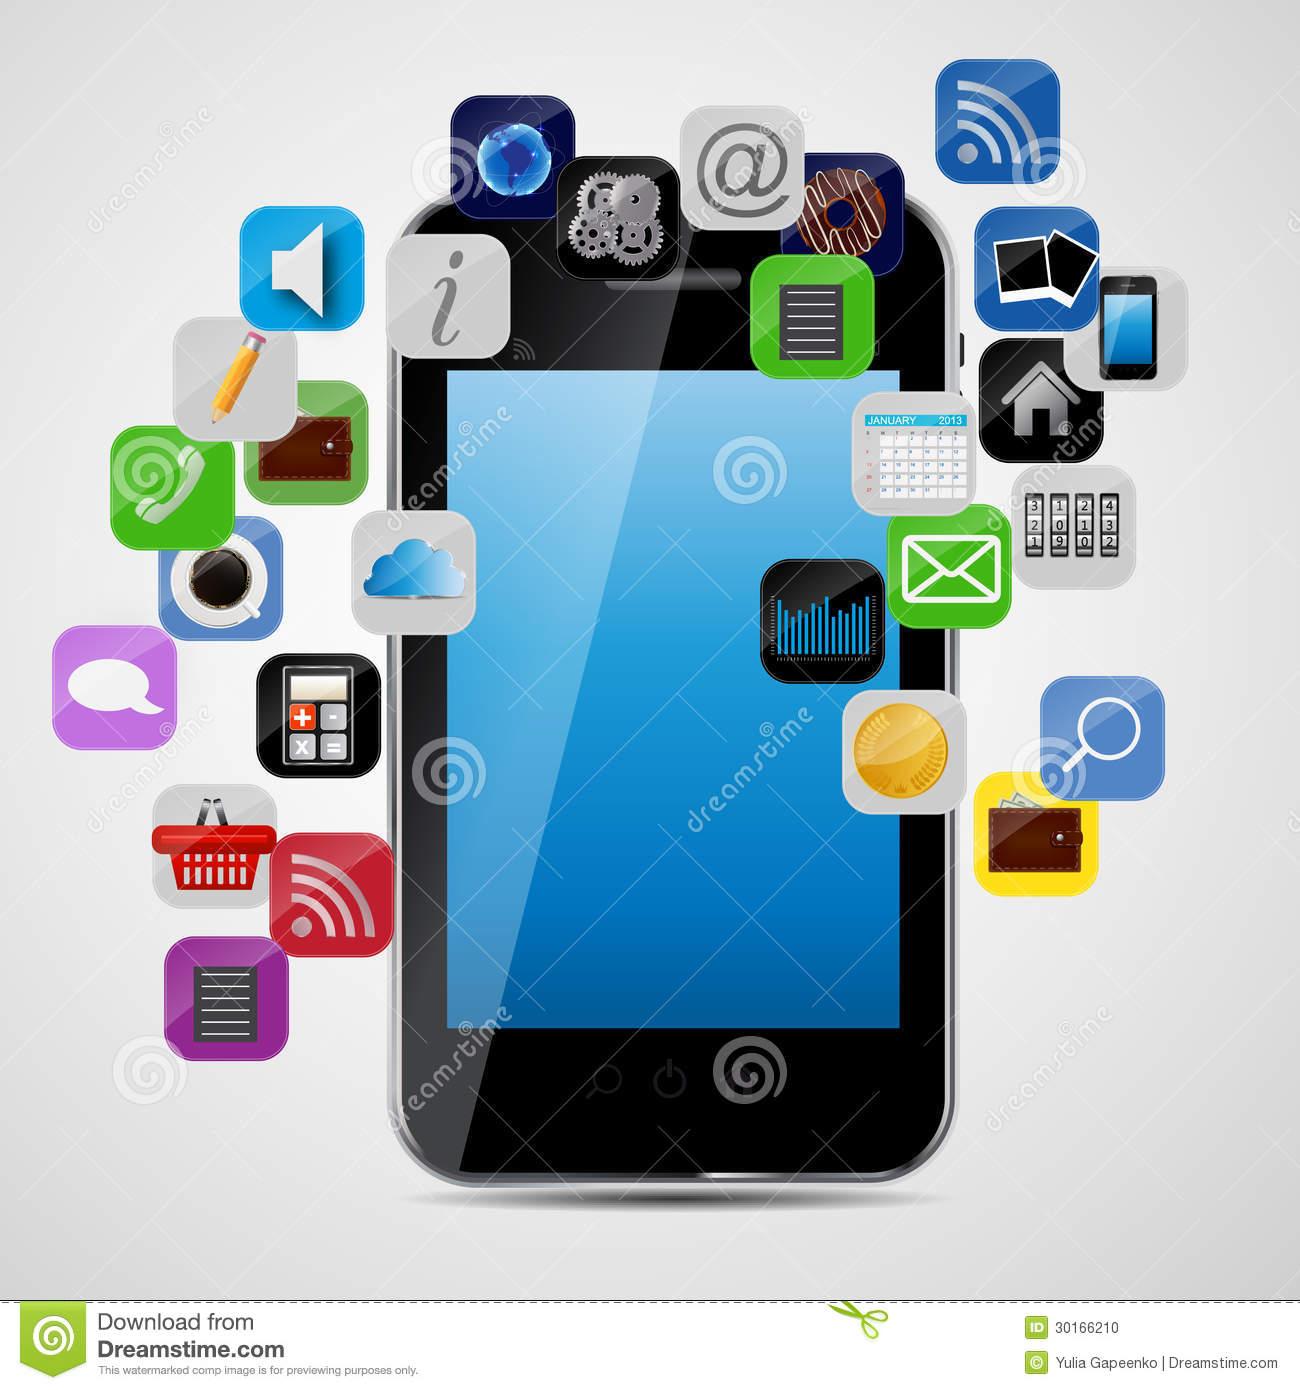 Universal Phone App Icon